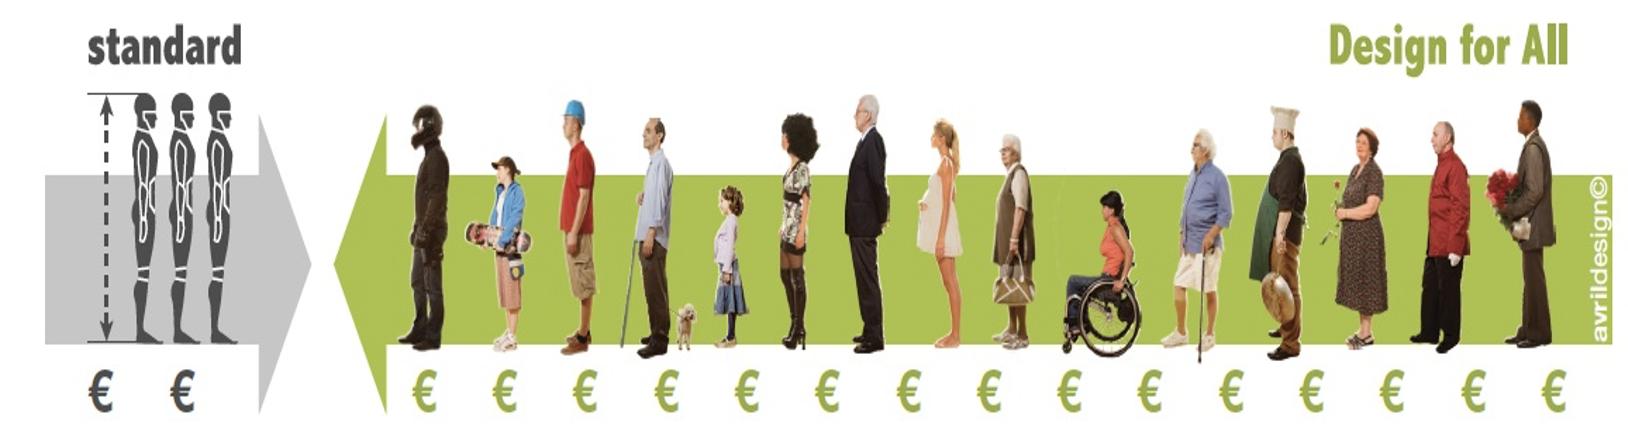 due colonne di persone che convergono verso il centro dell'immagine rappresentano il design for all opposto al design standard